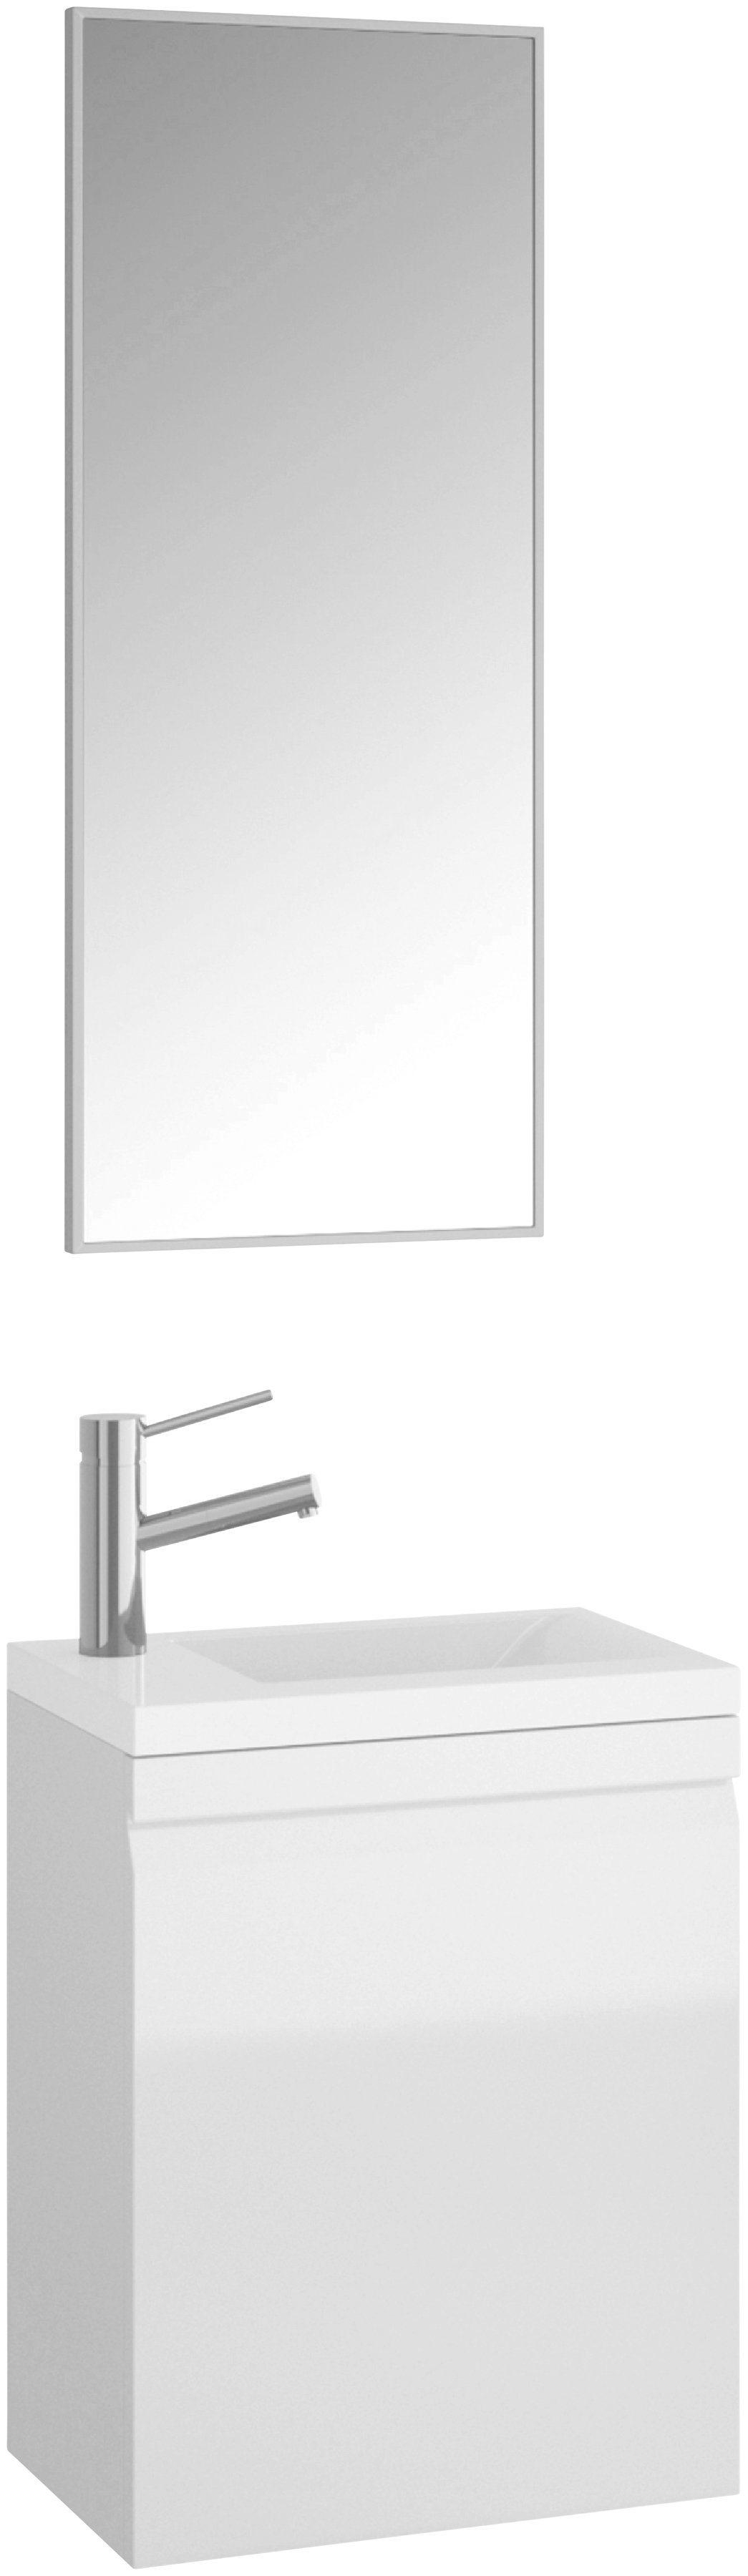 ALLIBERT Badmöbel-Set »Accent«, Breite 40 cm (2-tlg.) | Bad > Badmöbel > Badmöbel-Sets | Grau - Weiss - Glanz - Weiß | Mdf - Spanplatte | Allibert